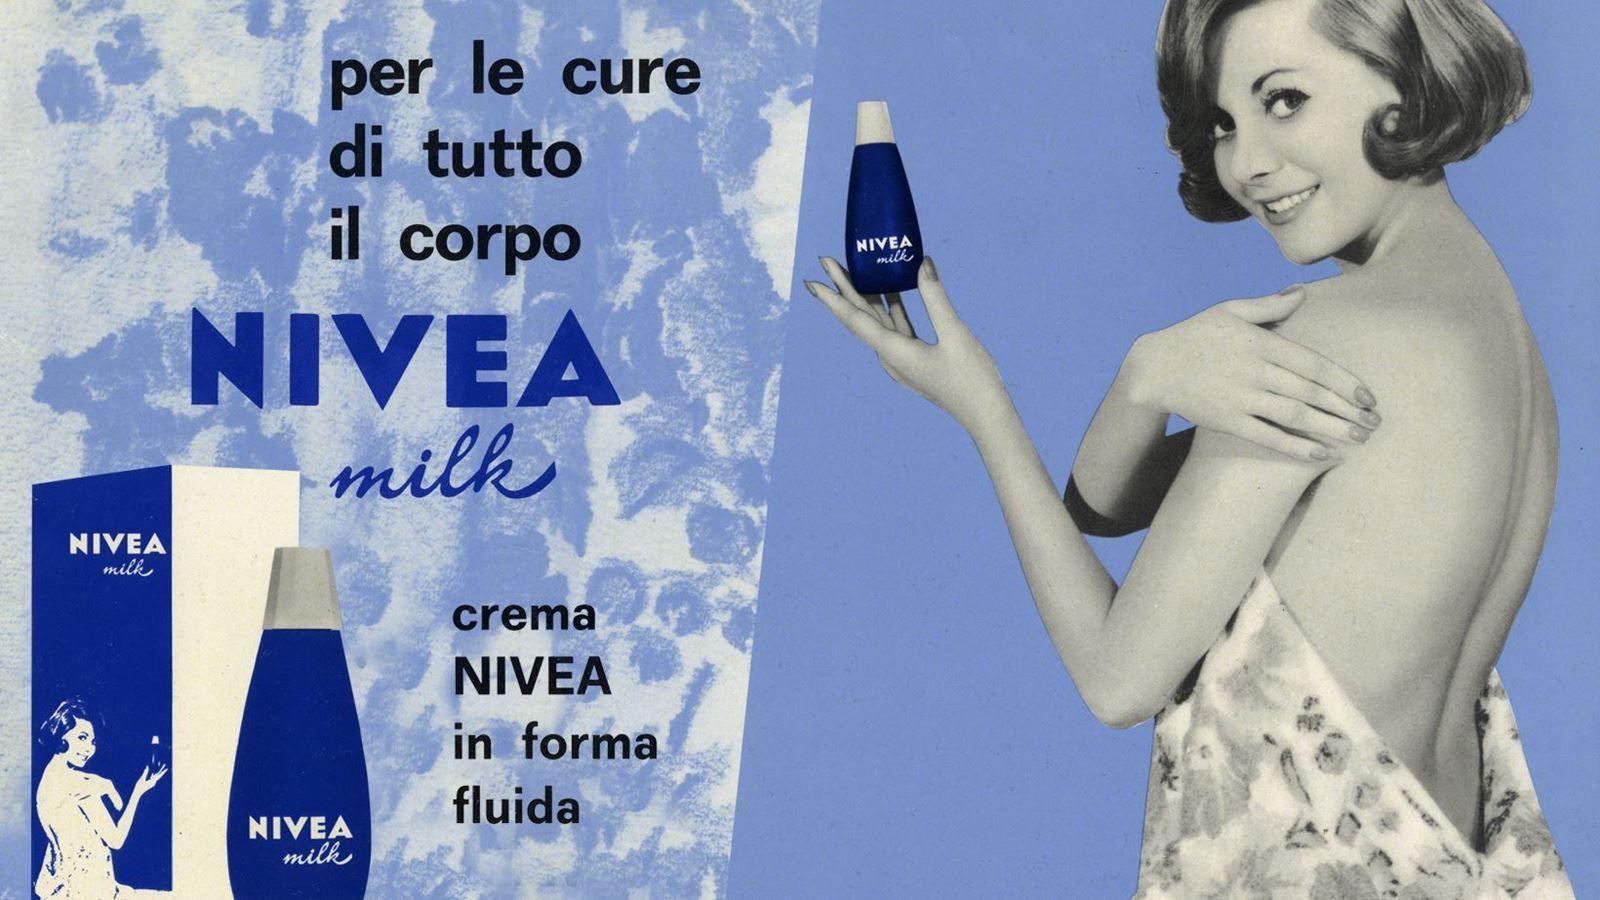 Фармацевты и маркетологи сделали Nivea успешной на век  520473 - Kapital.kz